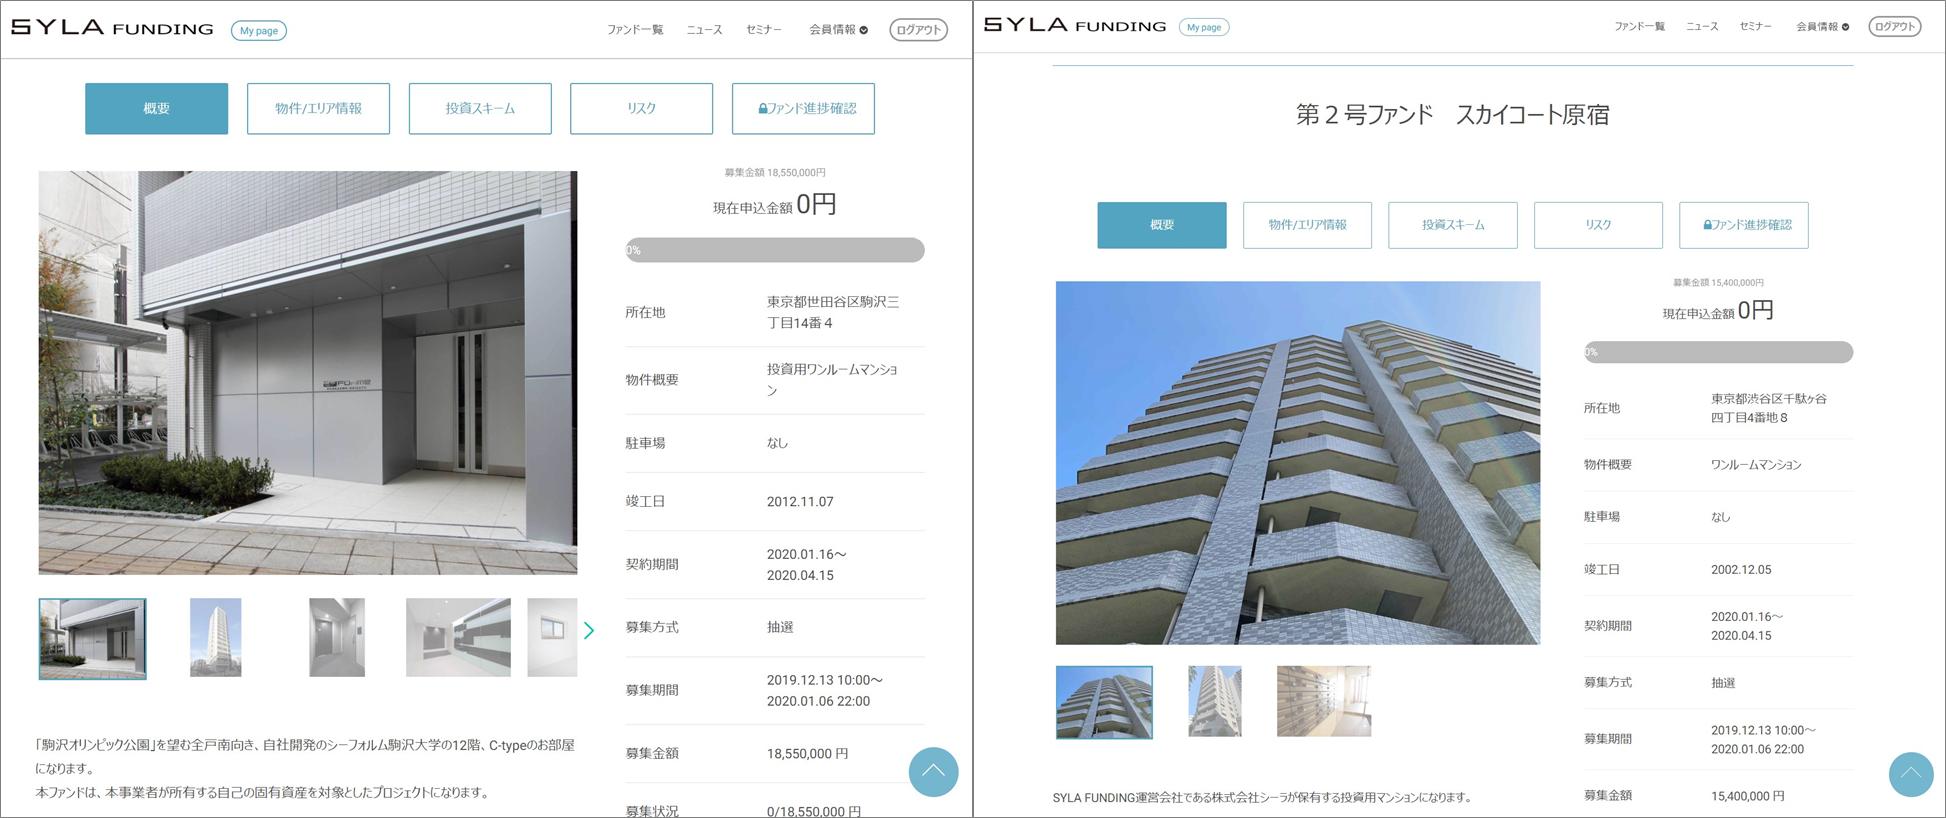 SYLA Funding投資家登録案件見られます。